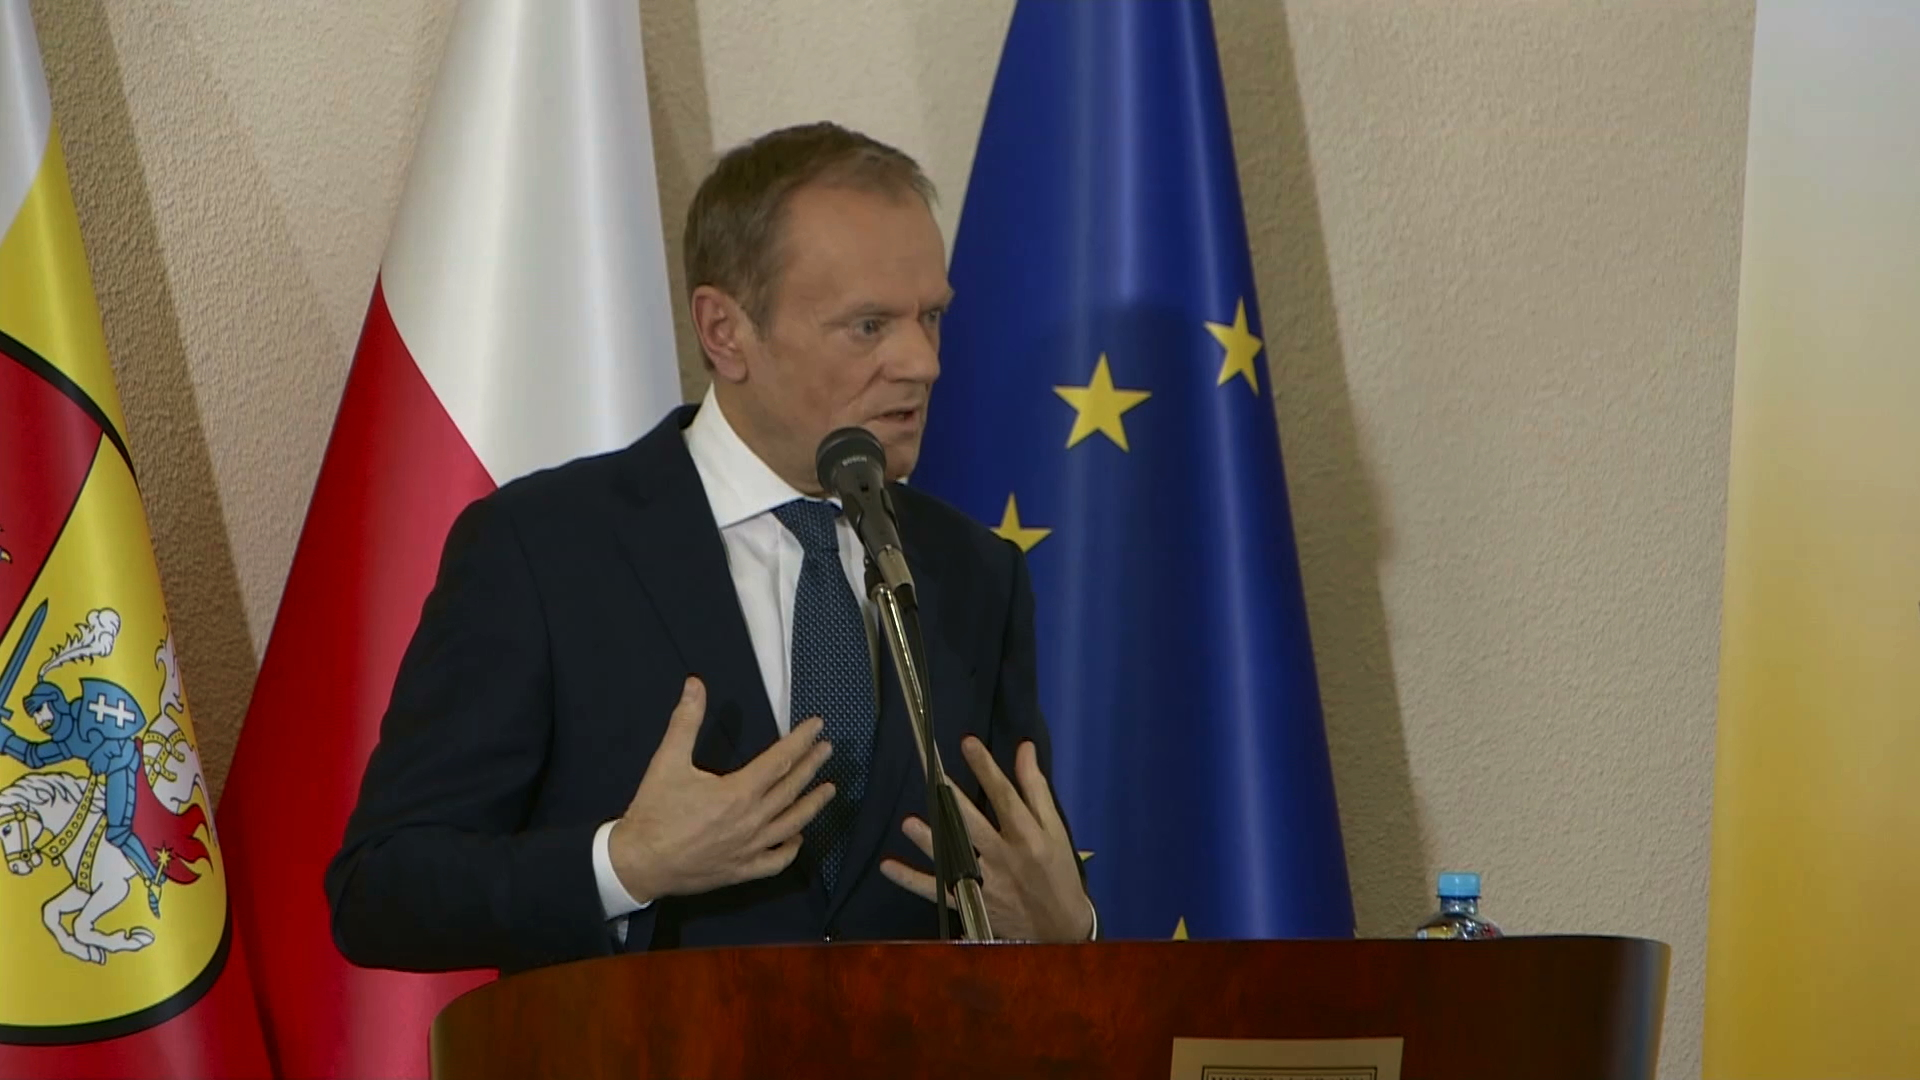 Wykład Donalda Tuska. Były premier skomentował sytuację w Polsce